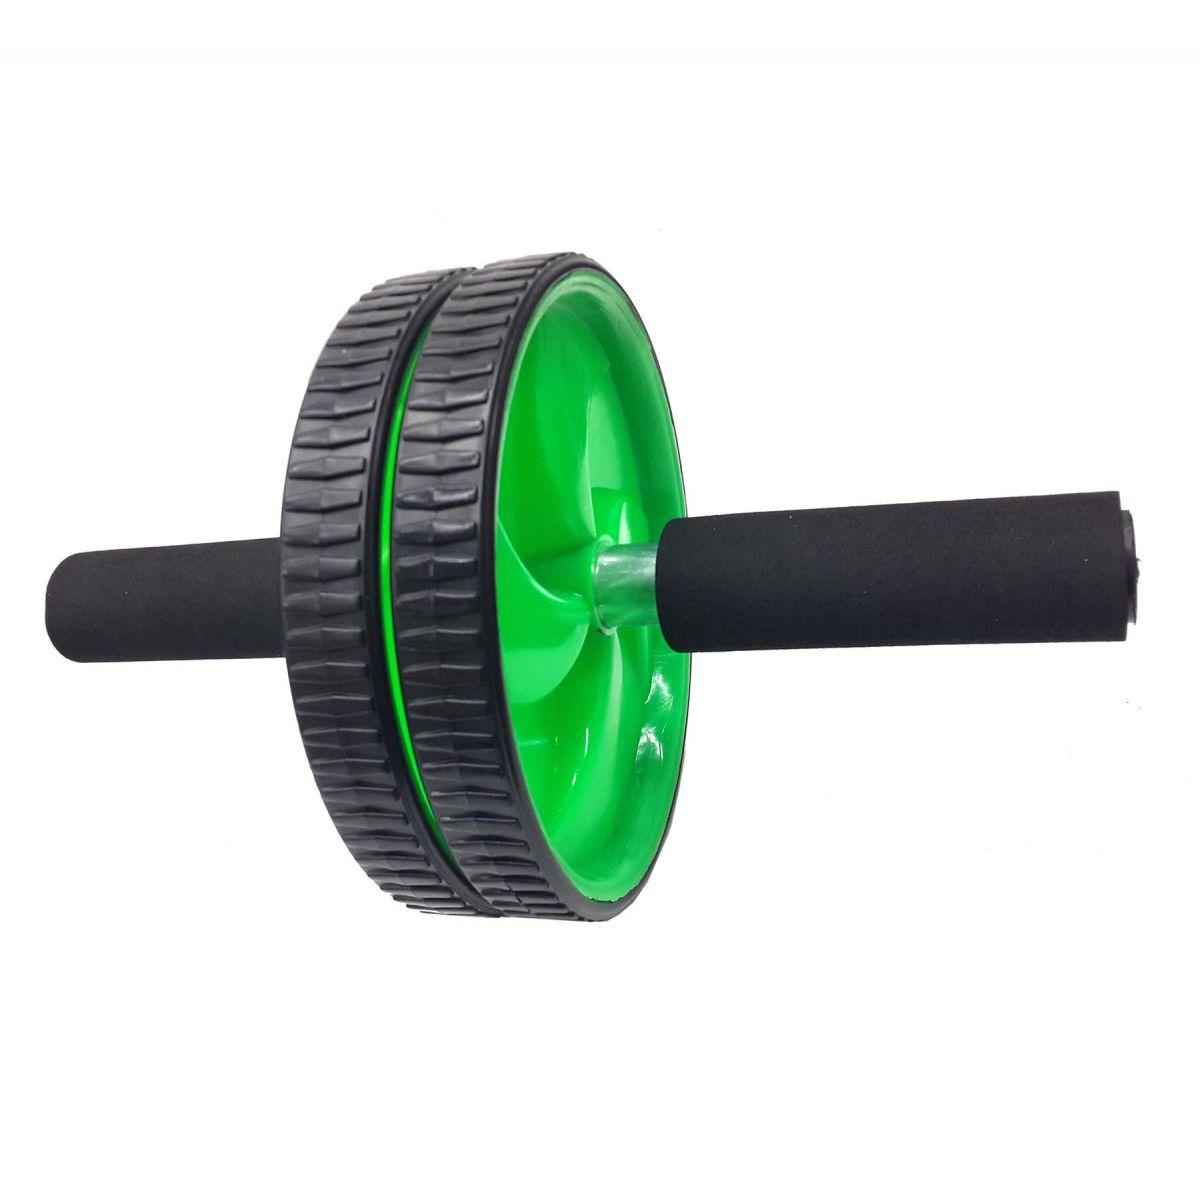 Rolo Roda Abdominal Exercicio Fisico Abdomem Musculo Braço Ombro Verde (BSL-JS002)